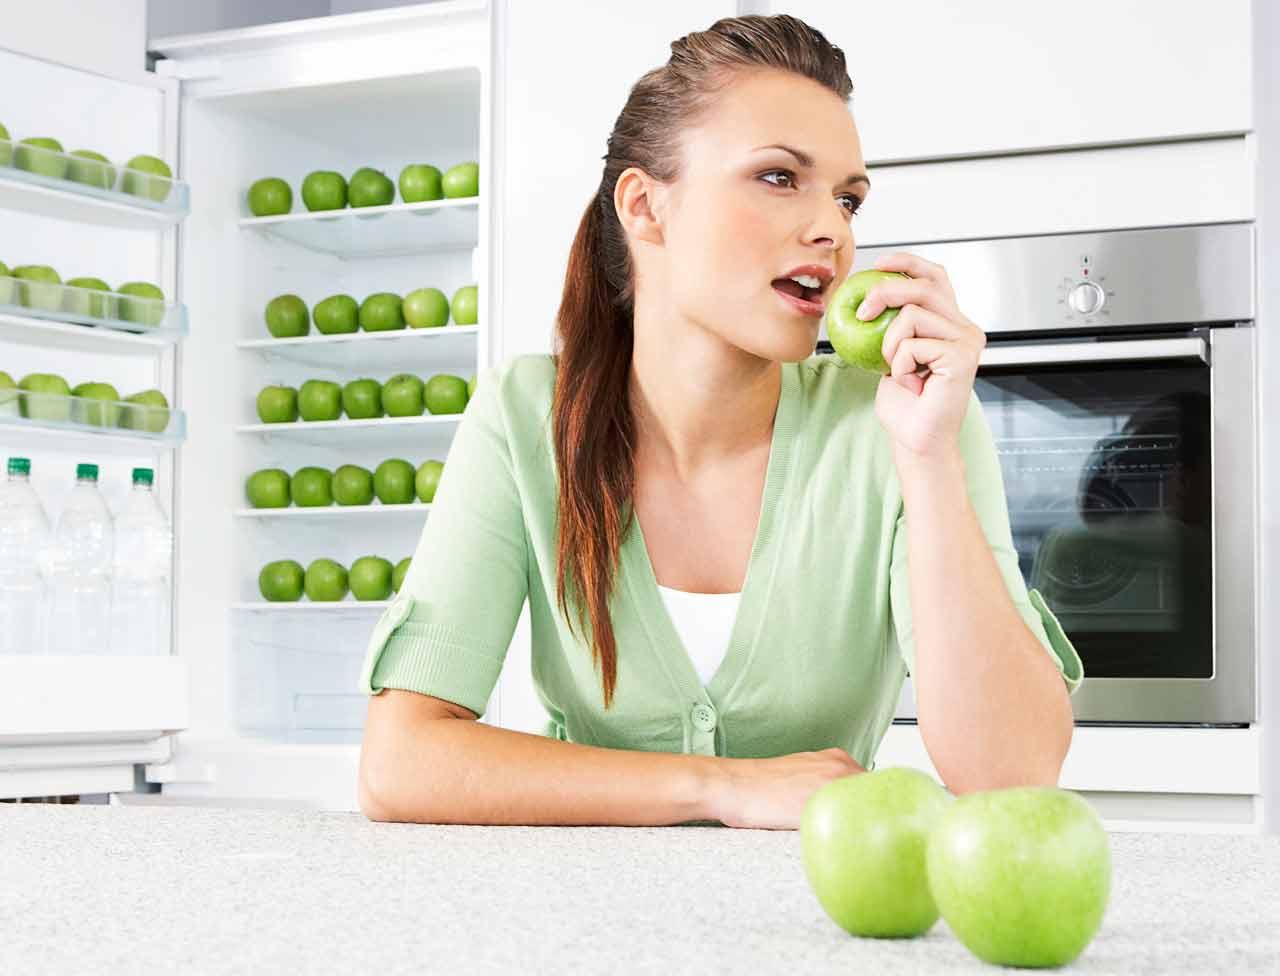 Сбросить вес быстро, не важно как хотят отъявленные перфекционистки.